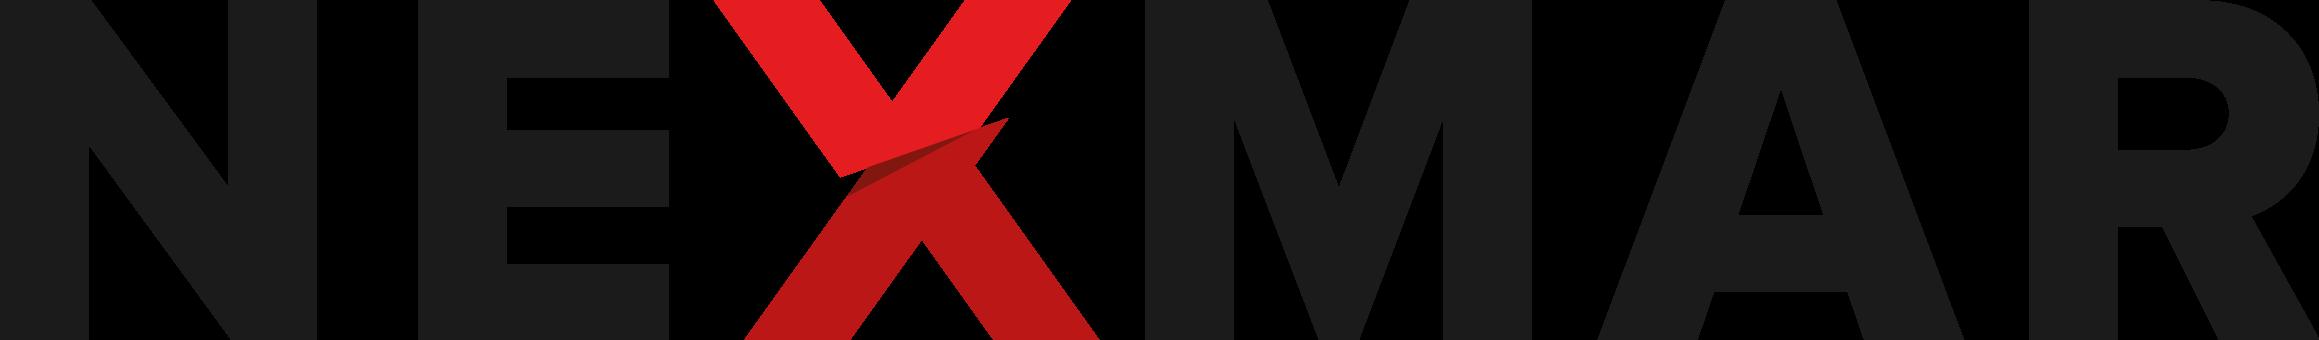 Nexmar | Dachy | Rynny | Elewacje